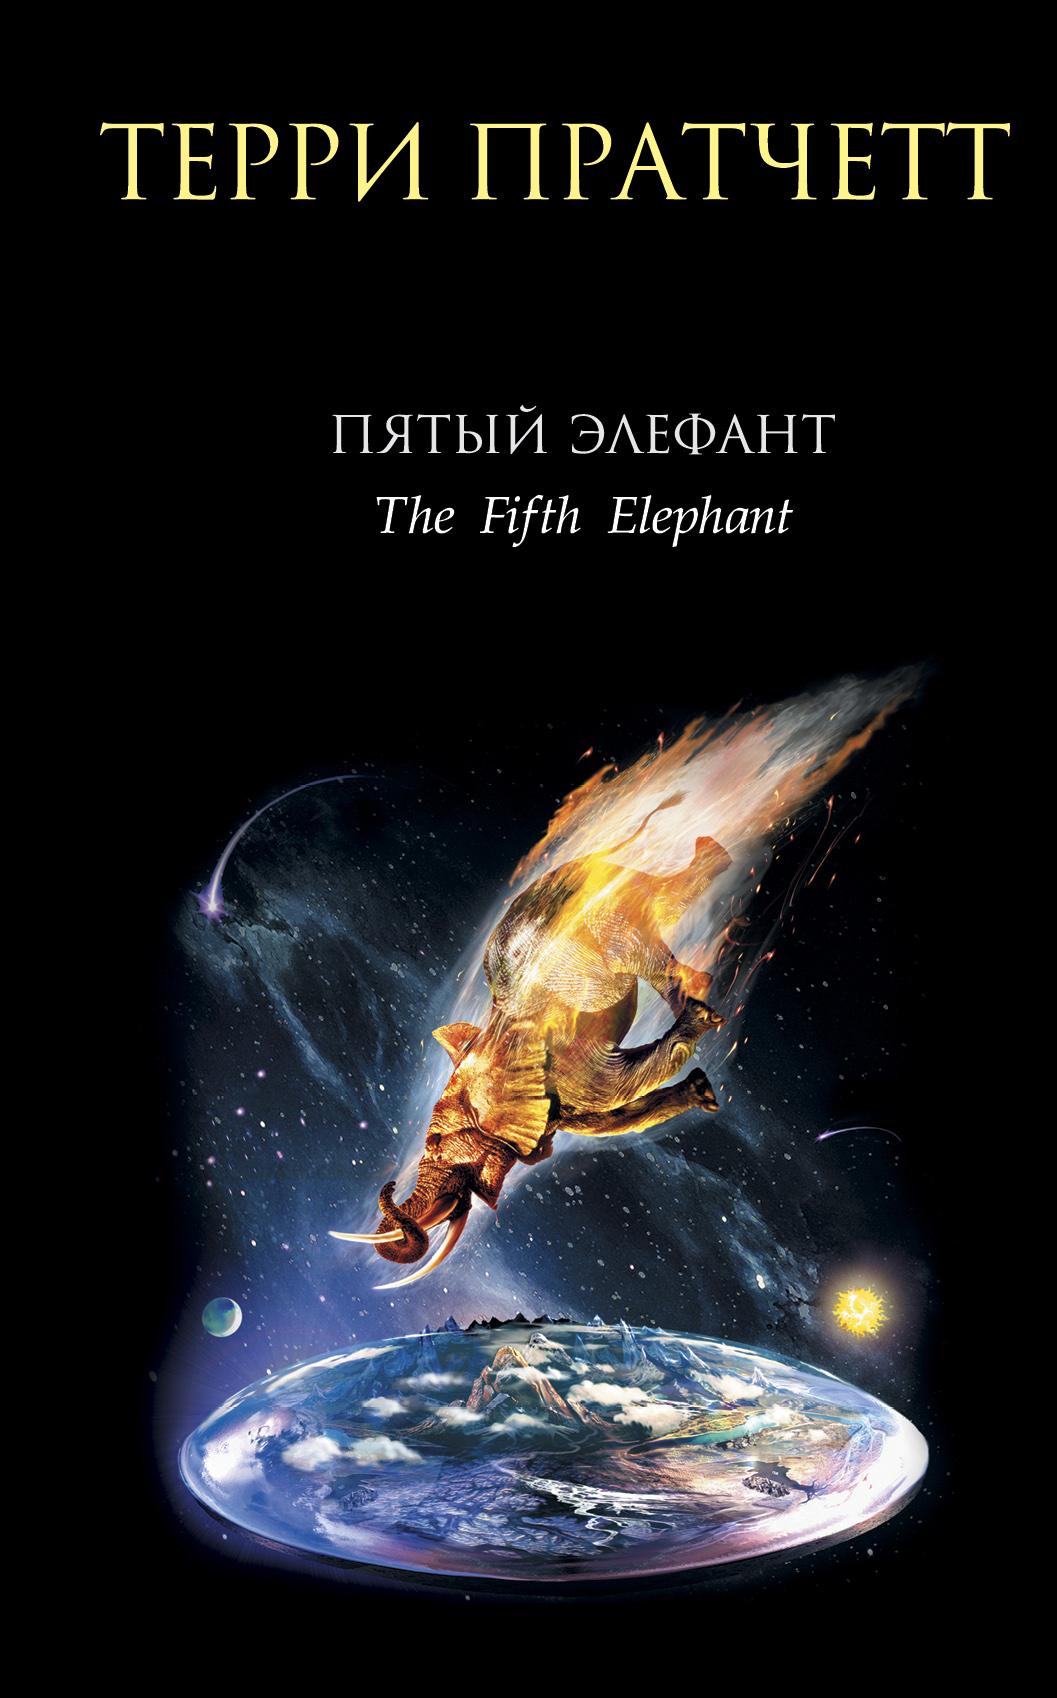 Купить Пятый элефант, Терри Пратчетт, 978-5-699-22407-4